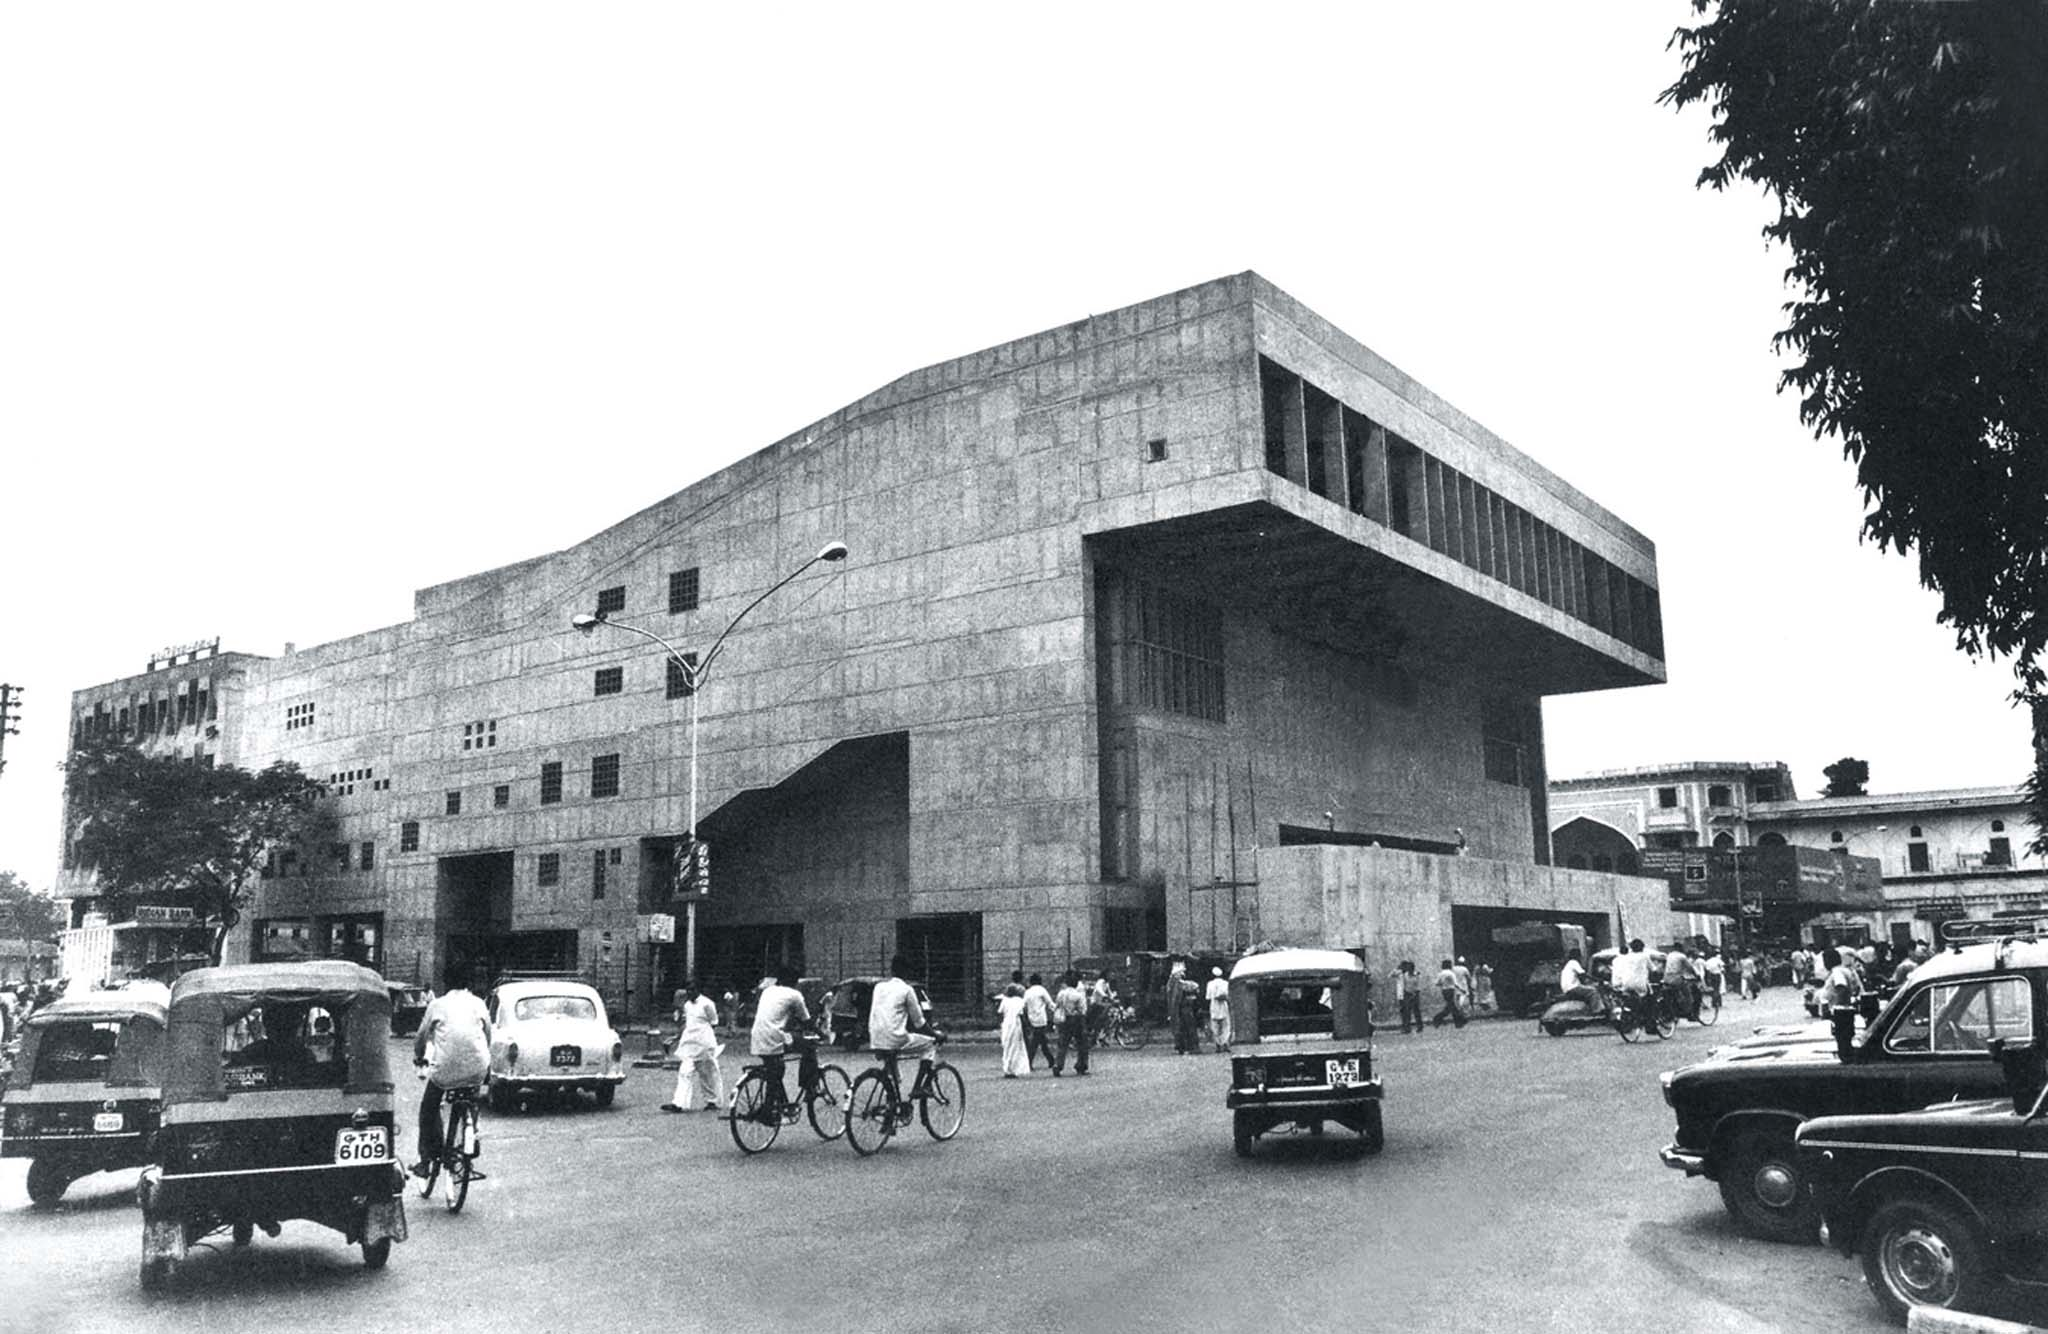 site de rencontres gratuit Ahmedabad site de rencontre de metalcore